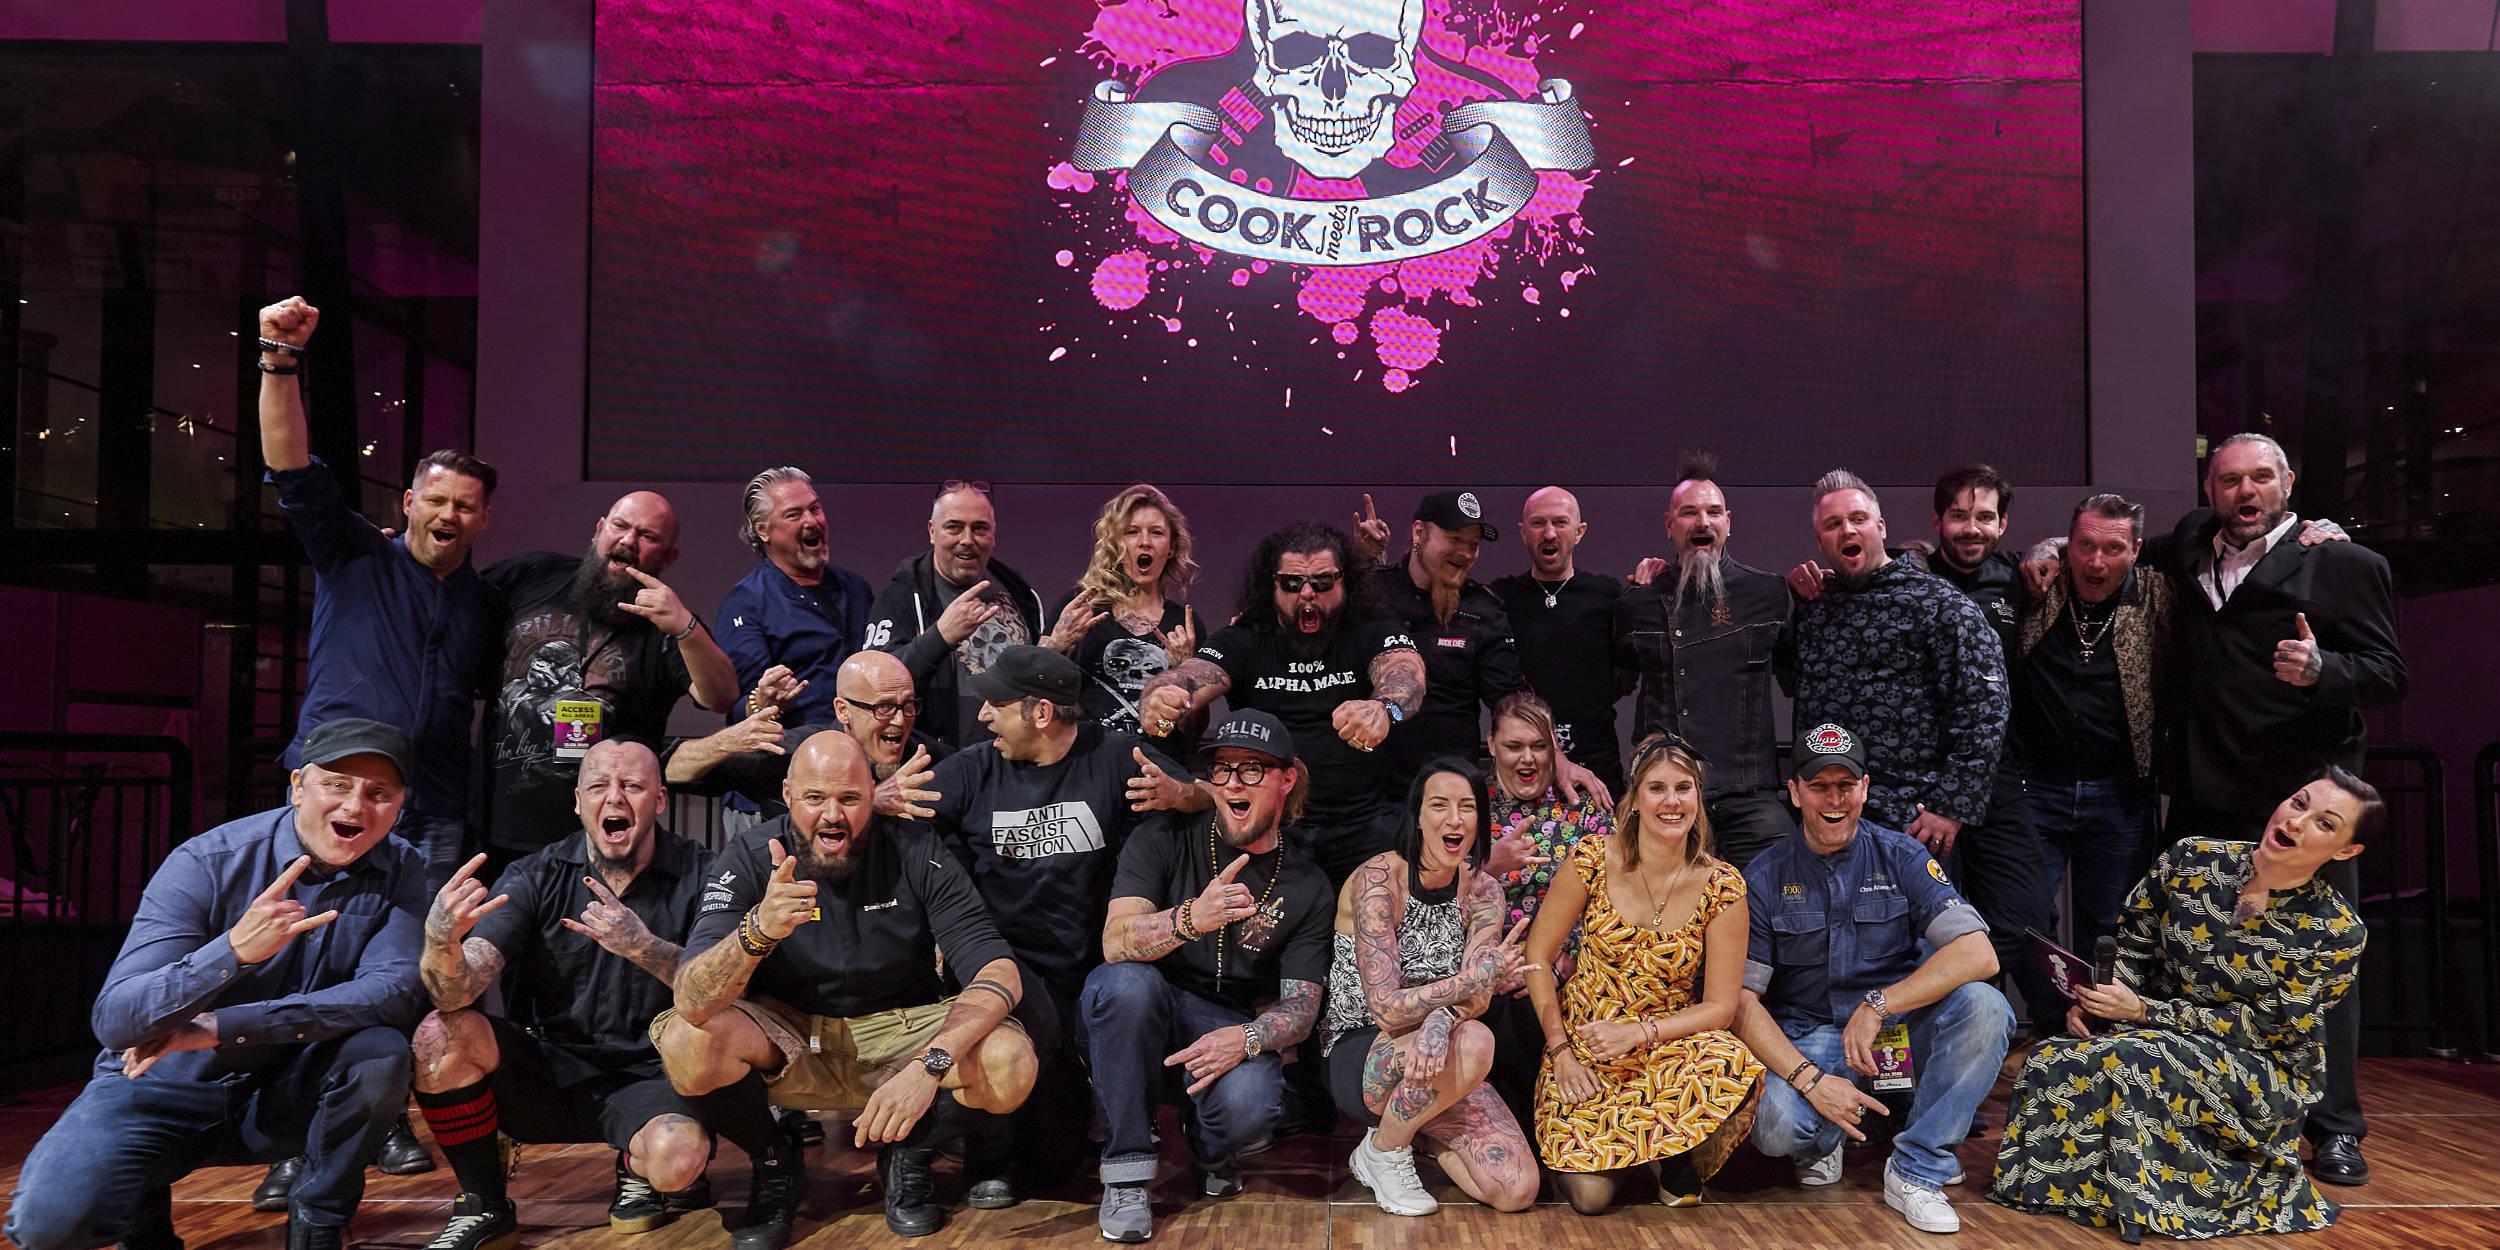 Eventfotografie Stuttgart Umgebung und Deutschland weit Cook Meets Rock das Charity Event das Rockt essen geniessen Rock Musik viele Köche Genuss KULINARIK, KÖRPERKUNST, LIVEMUSIK bei der wohl größten Rock´n´Roll-Lifestyle-Küchenparty Deutschlands: COOKmeetsROCK! FRANK OEHLER, RALF ZACHERL,RALF JAKUMEIT, DOMINIK WETZEL, FELICITAS THEN, OLE PLOGSTEDT, LUDWIG MAURER, HEIKO ARNDT, PATRICK VON VACANO, LUDWIG TASTL, CHRISTIAN ALTENHAIN, MATTHI SEEBO, DANY BASIC, MAKANI TERROR, KIM NOVA, ANDY ENGEL, TOMMY LEE WENDTNER, BENE BADER, MARCO KLOSE